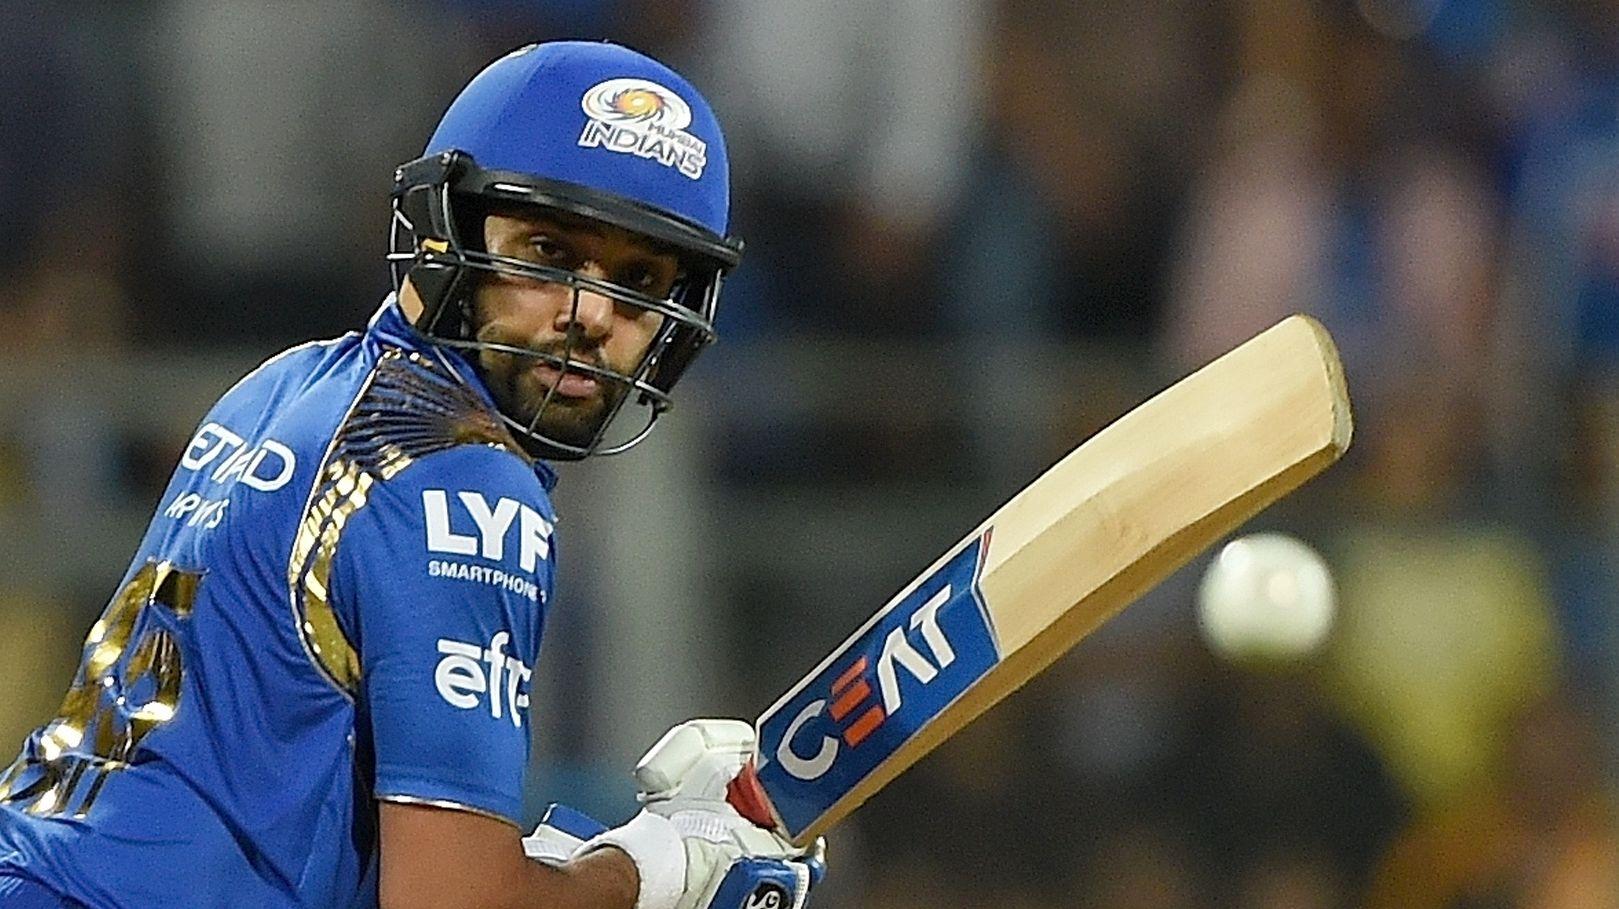 सिक्सर किंग vs हिटमैन: गेल या रोहित, कौन है IPL का तूफानी बल्लेबाज? आंकड़े कर रहे सब बयाँ 4